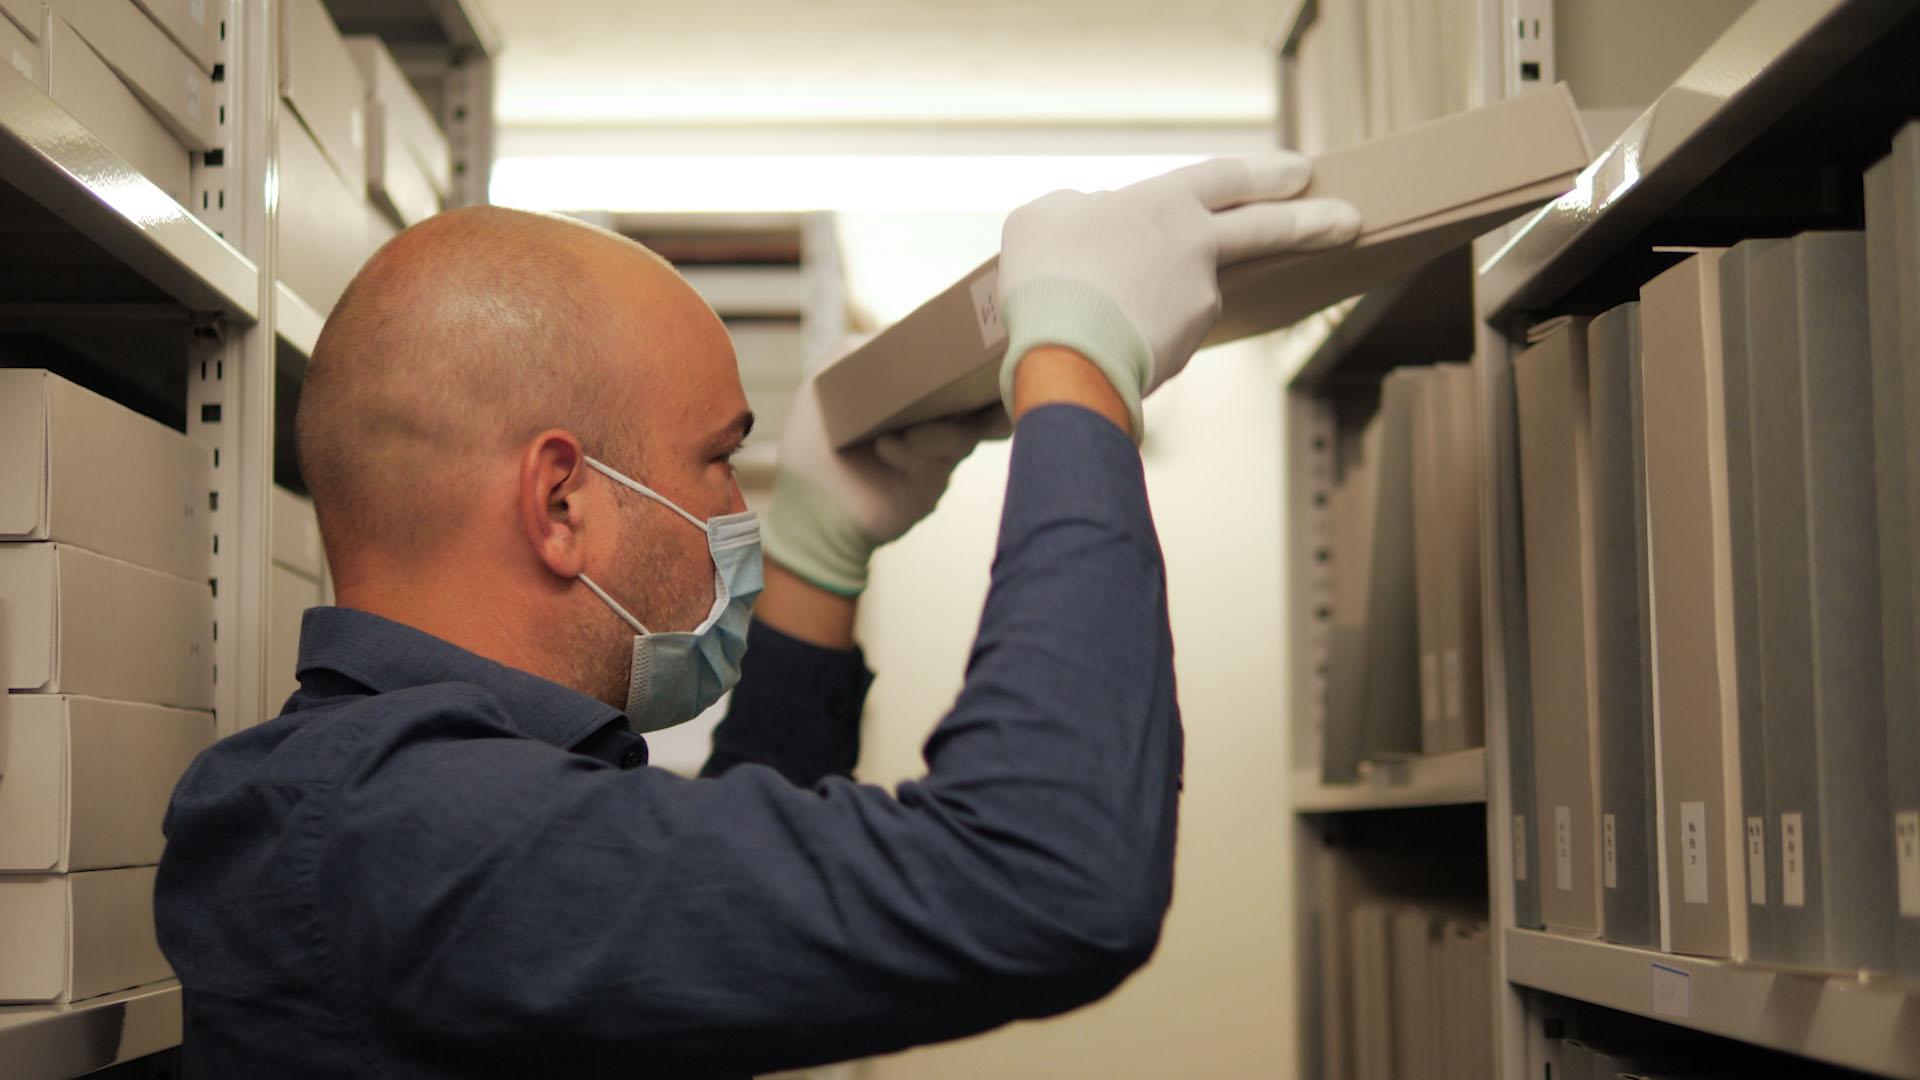 Der Kurator Gunnar Dalvit holt die Fragmente aus dem Tresor, dem die ZB ihre wertvollsten Handschriften verwahrt.